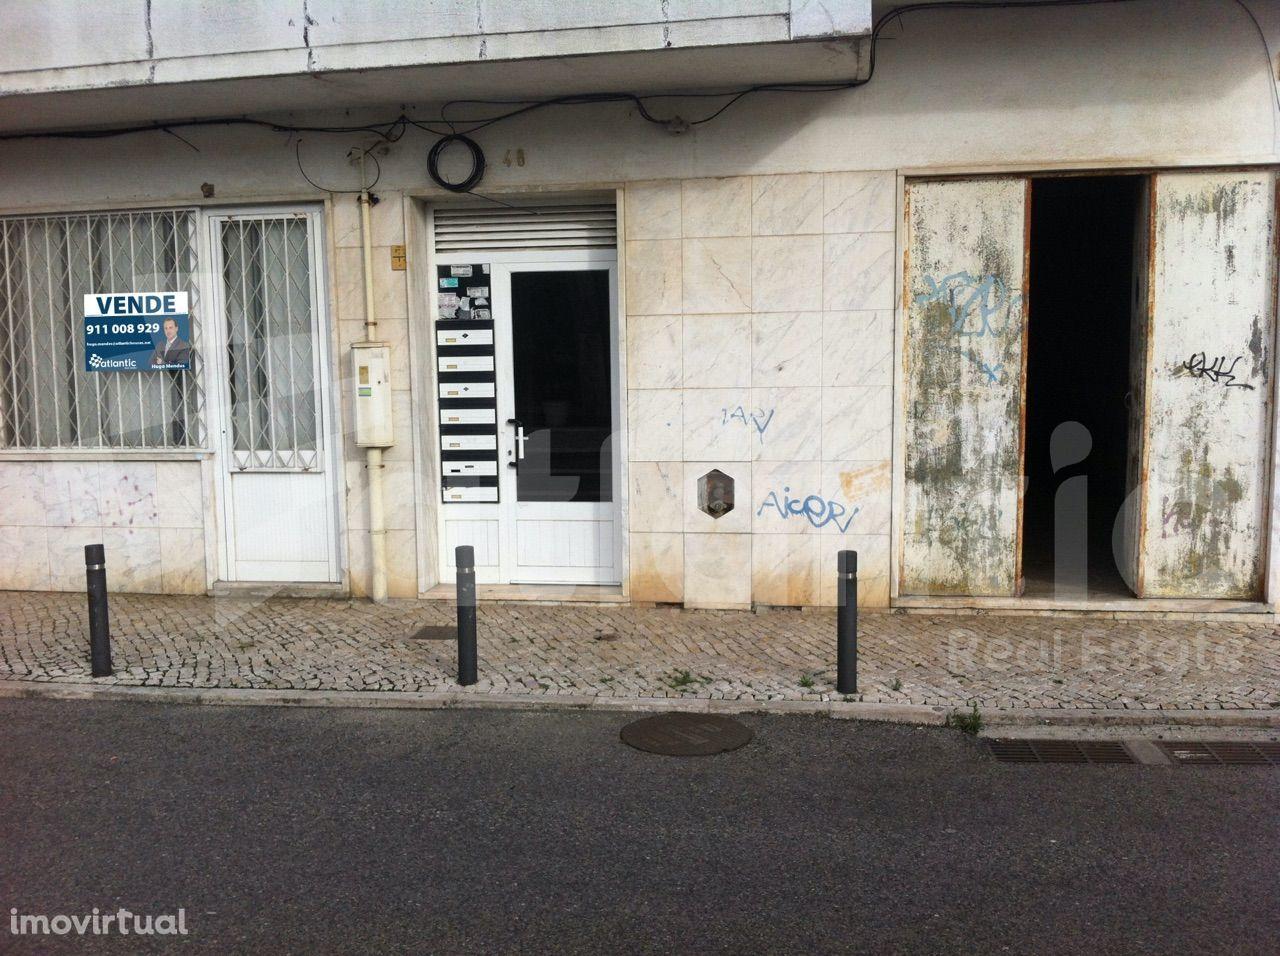 Armazém Venda em Queluz e Belas,Sintra